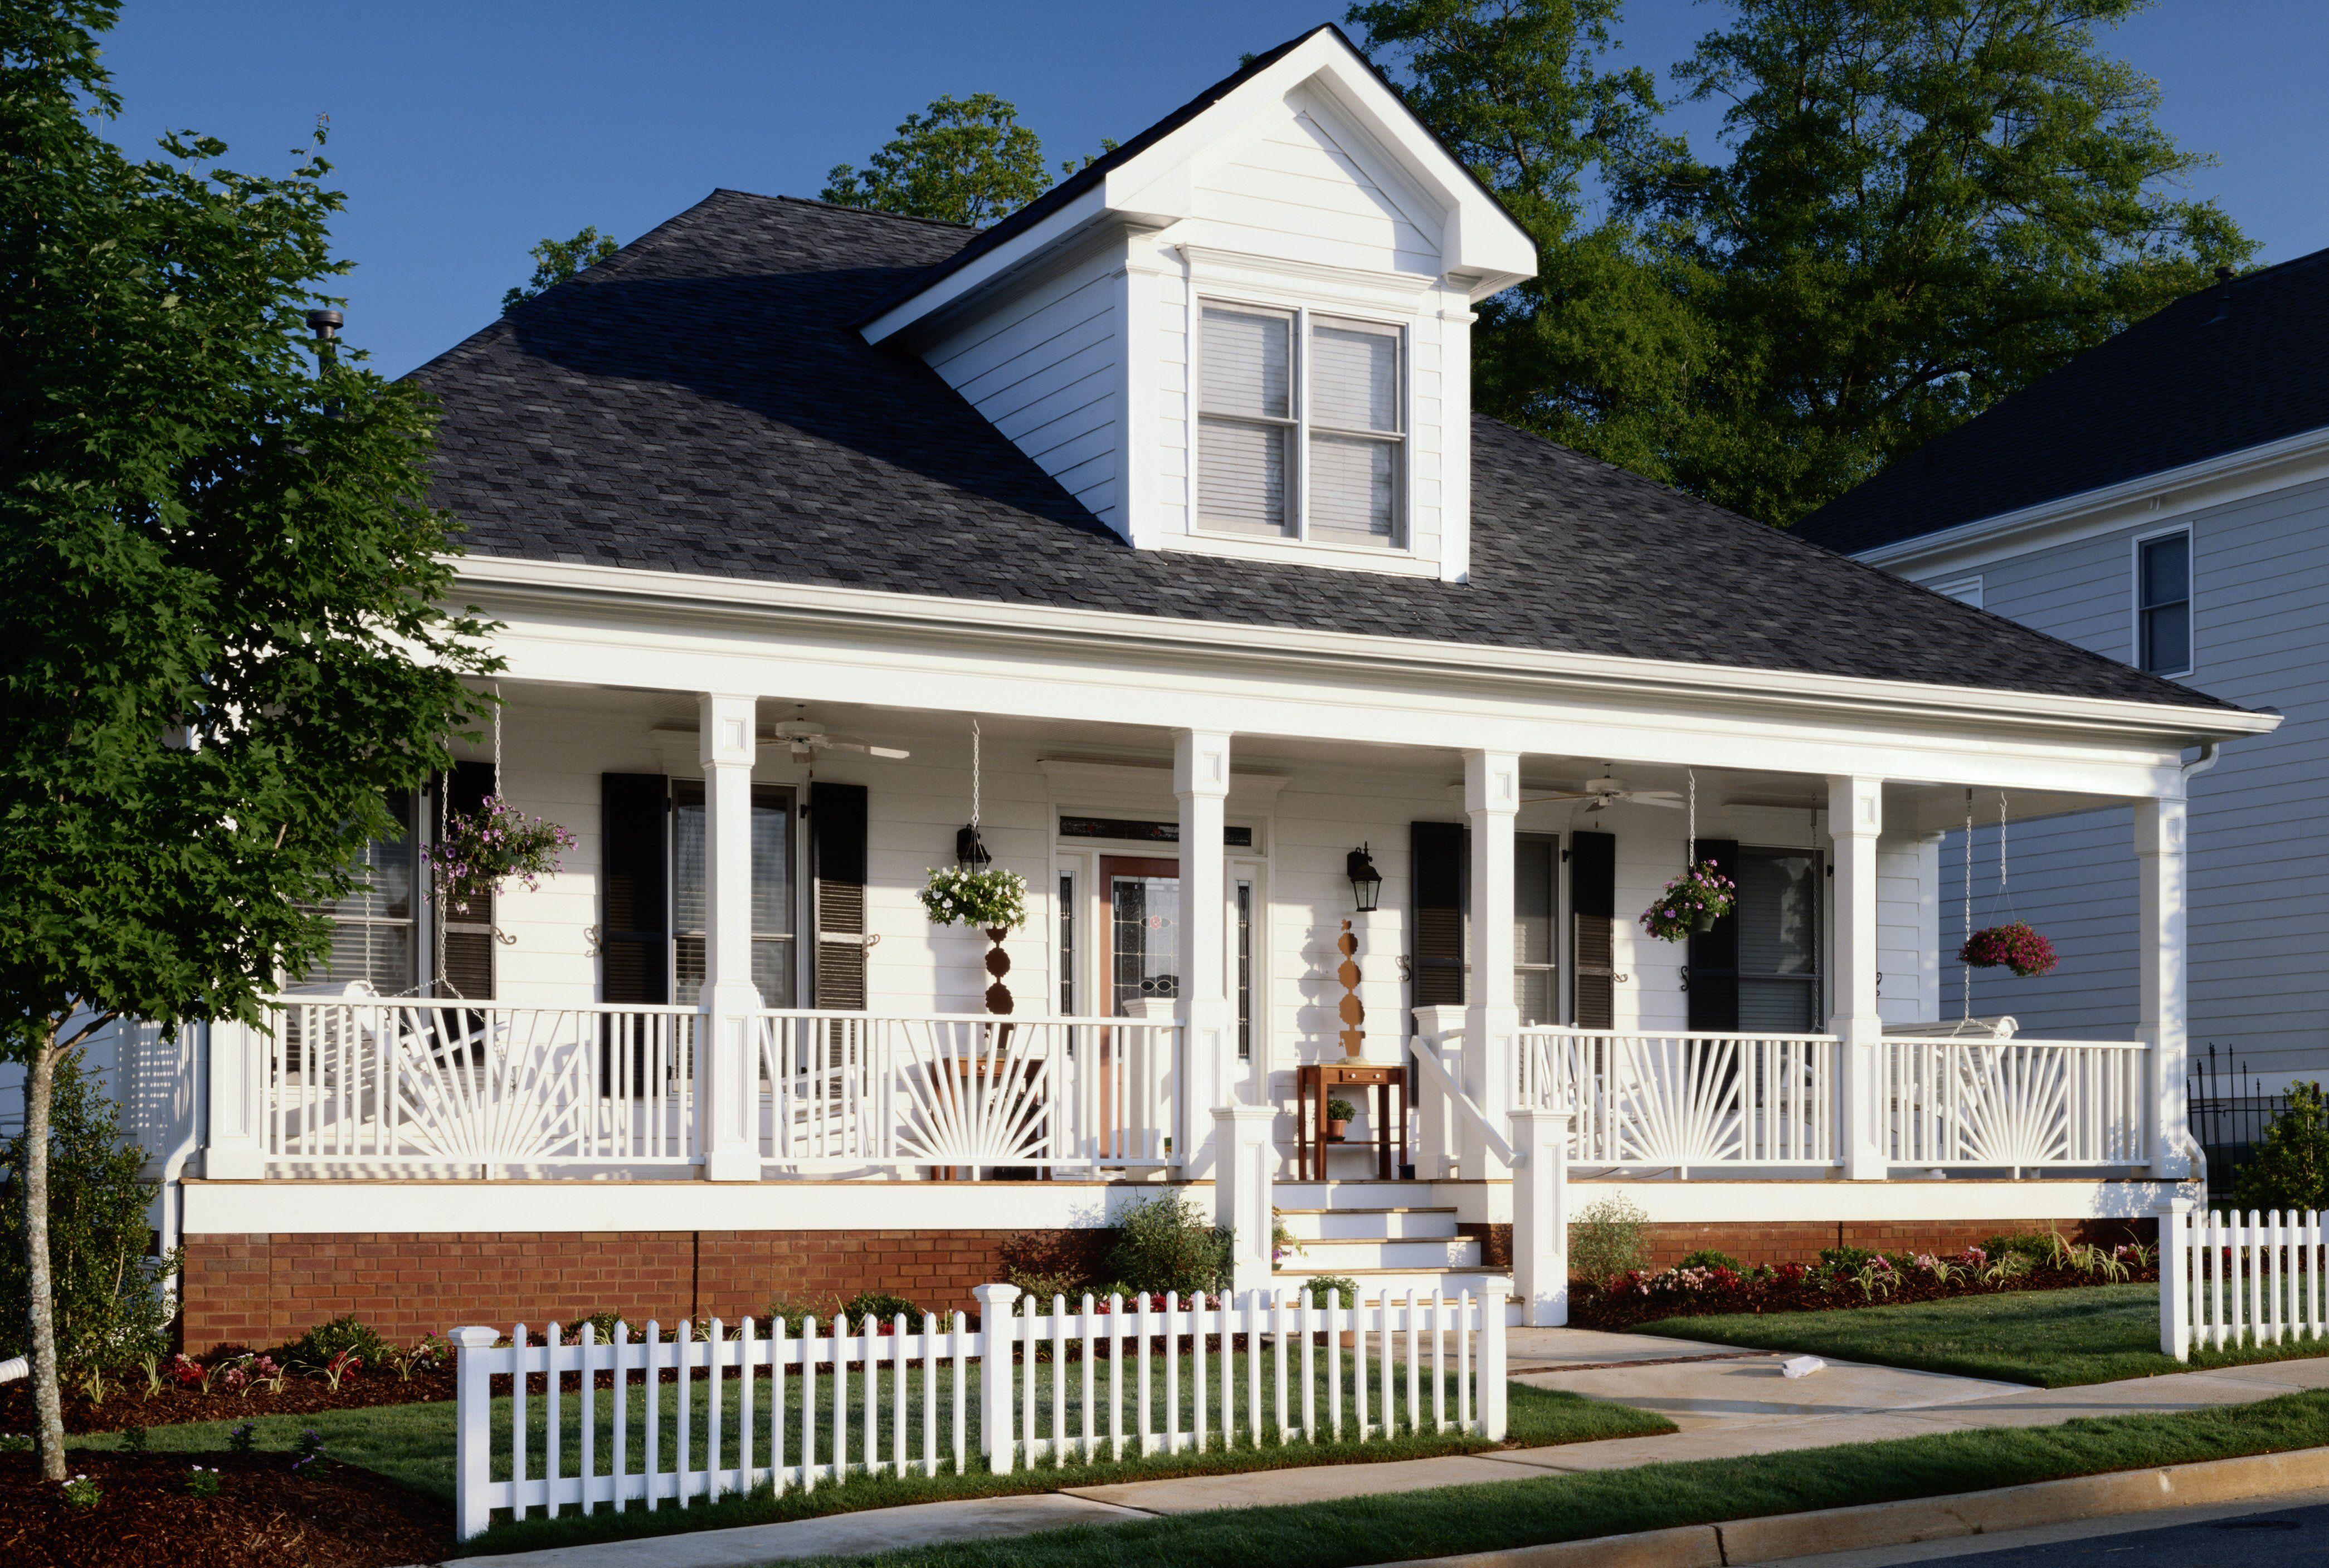 One story house near street, full width front porch, gable dormer